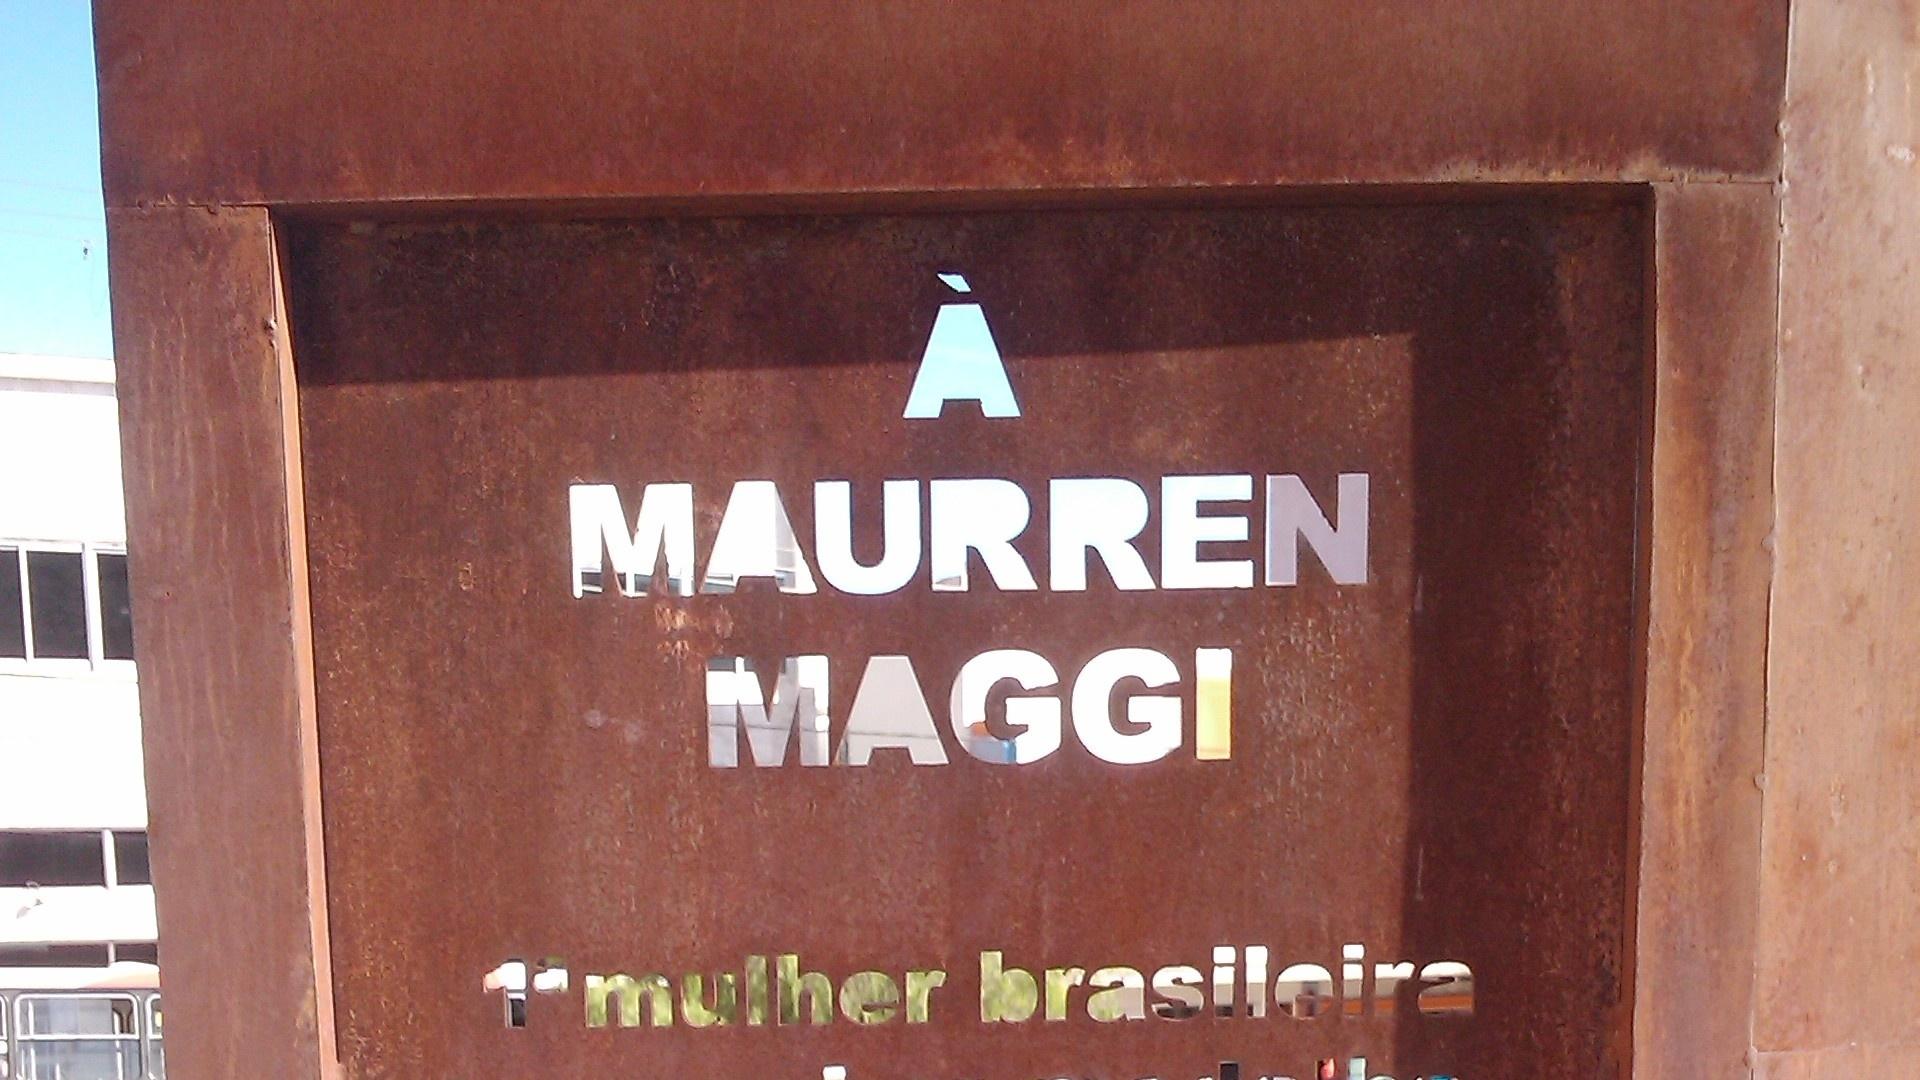 Mensagem gravada no monumento em homenagem a Maurren Maggi, erguido em São Carlos